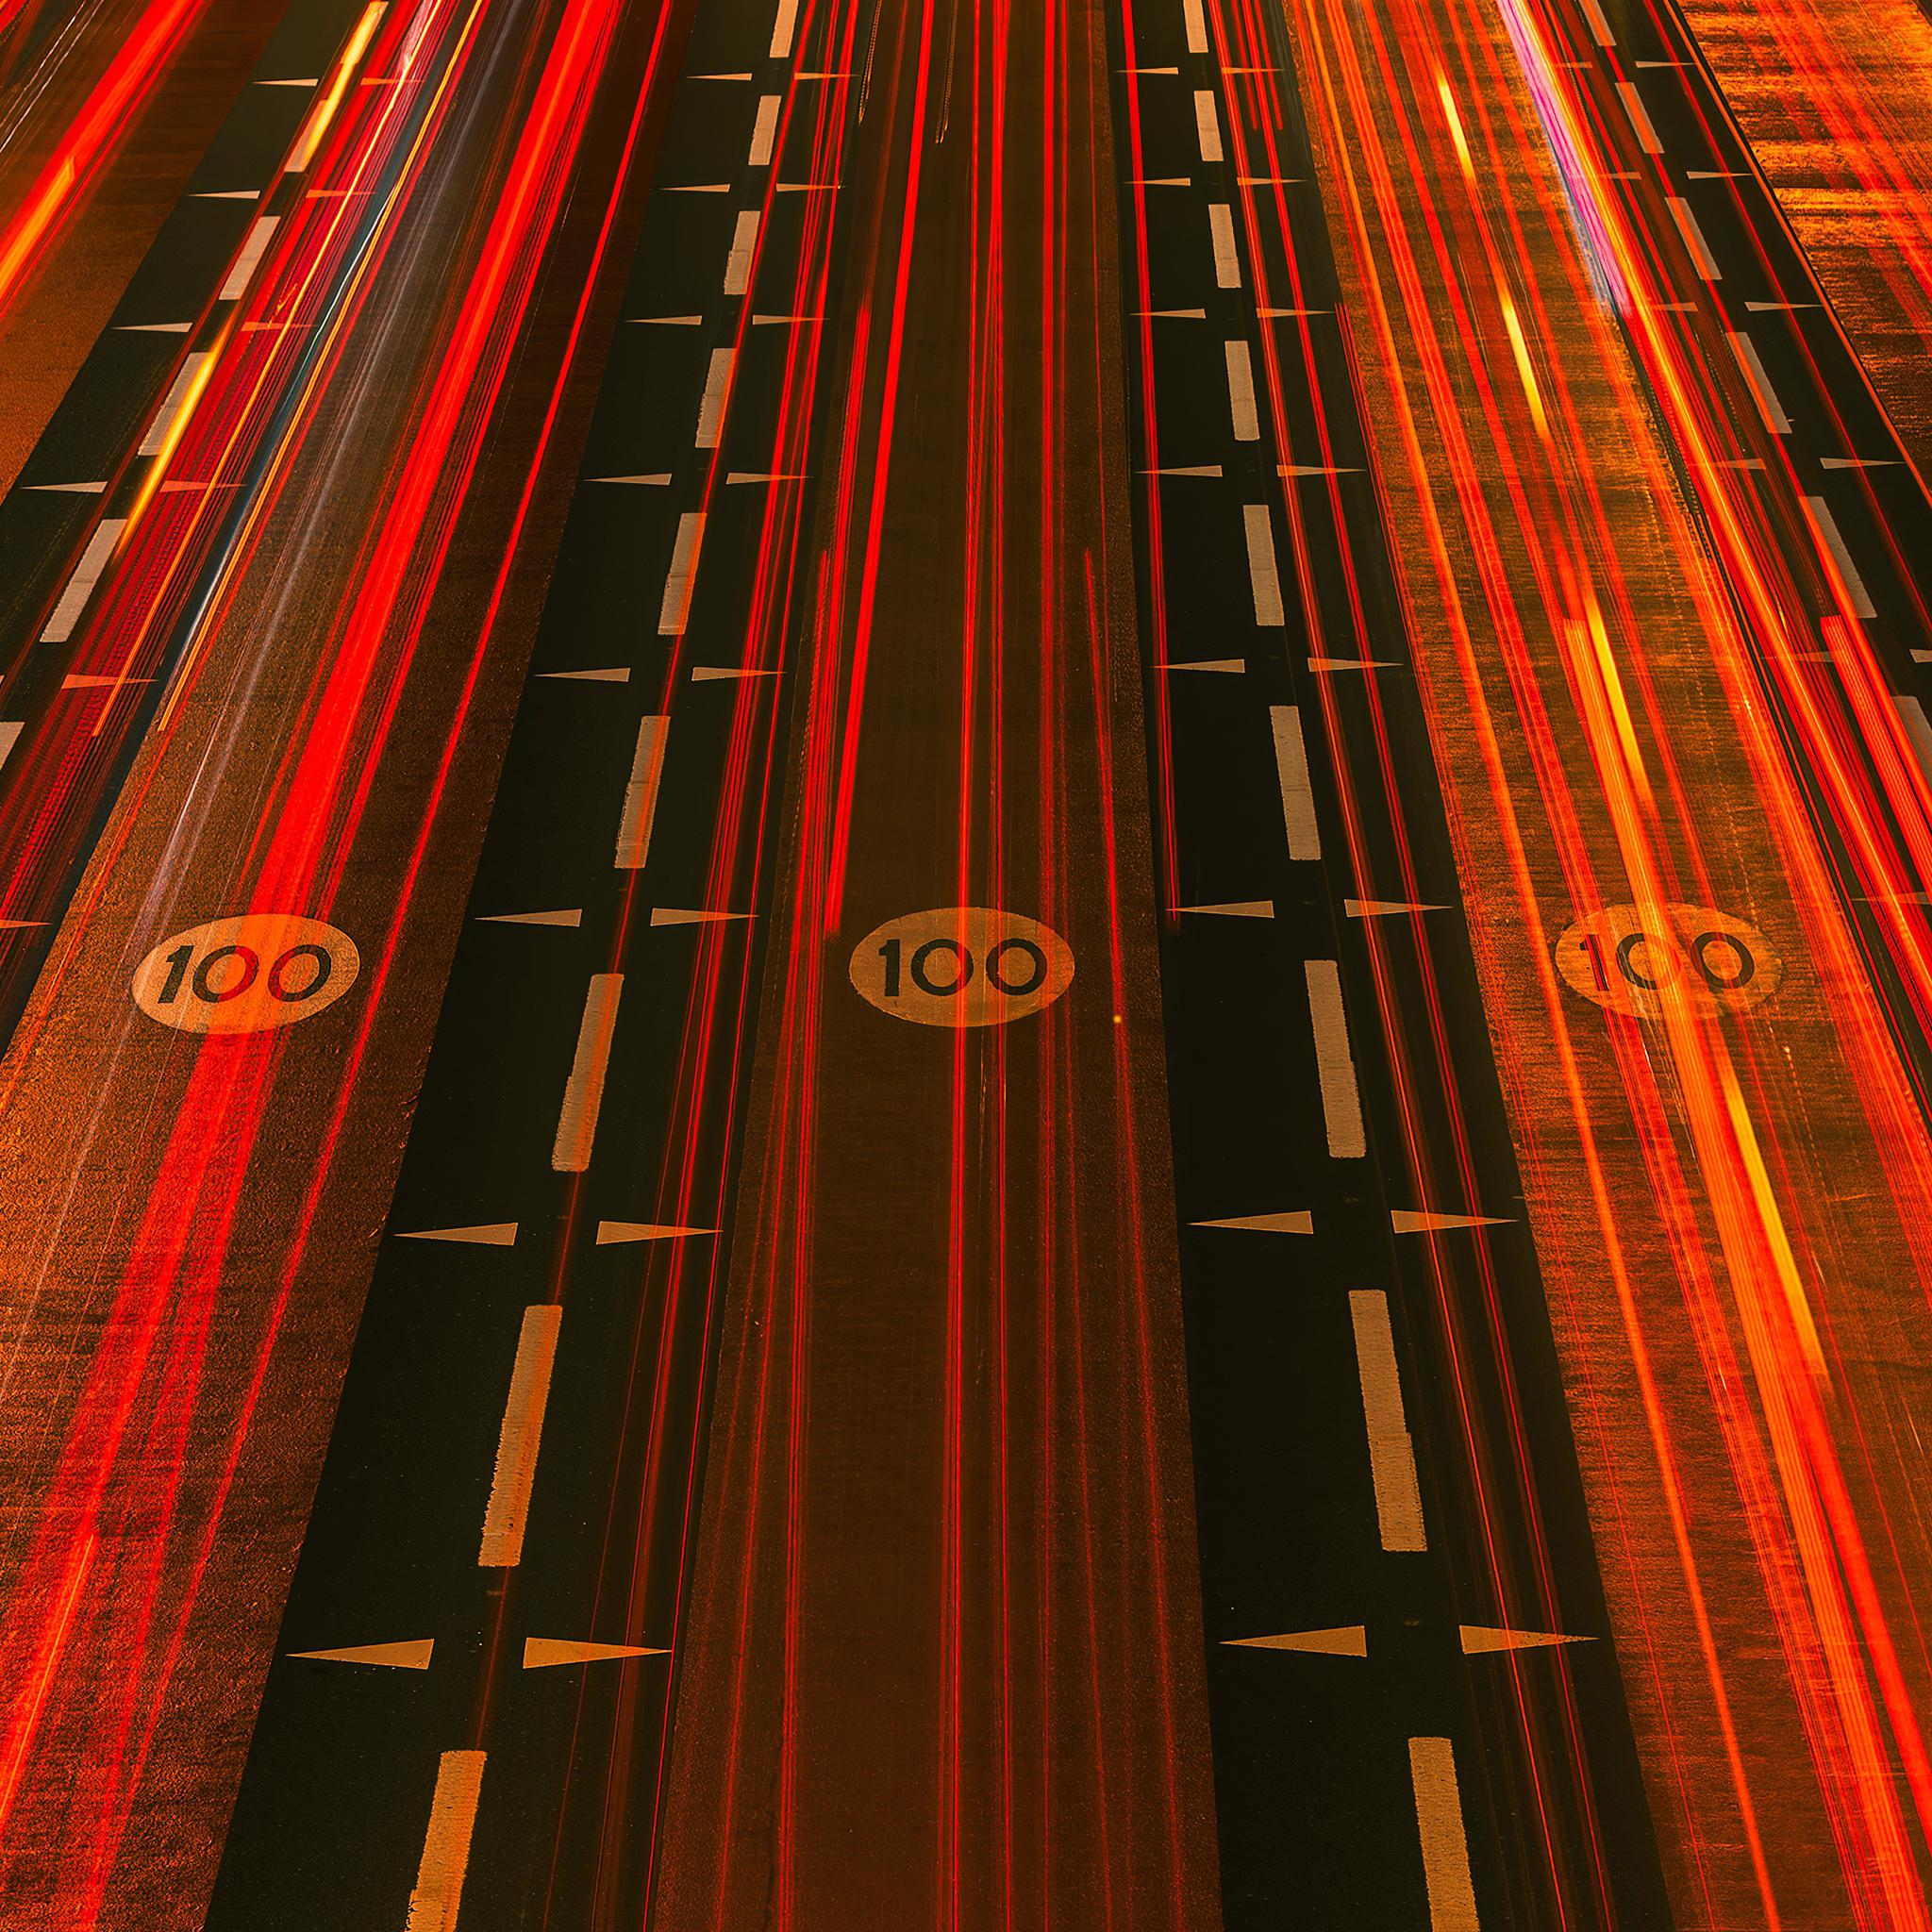 red-light-streaks-road-5k-q0.jpg